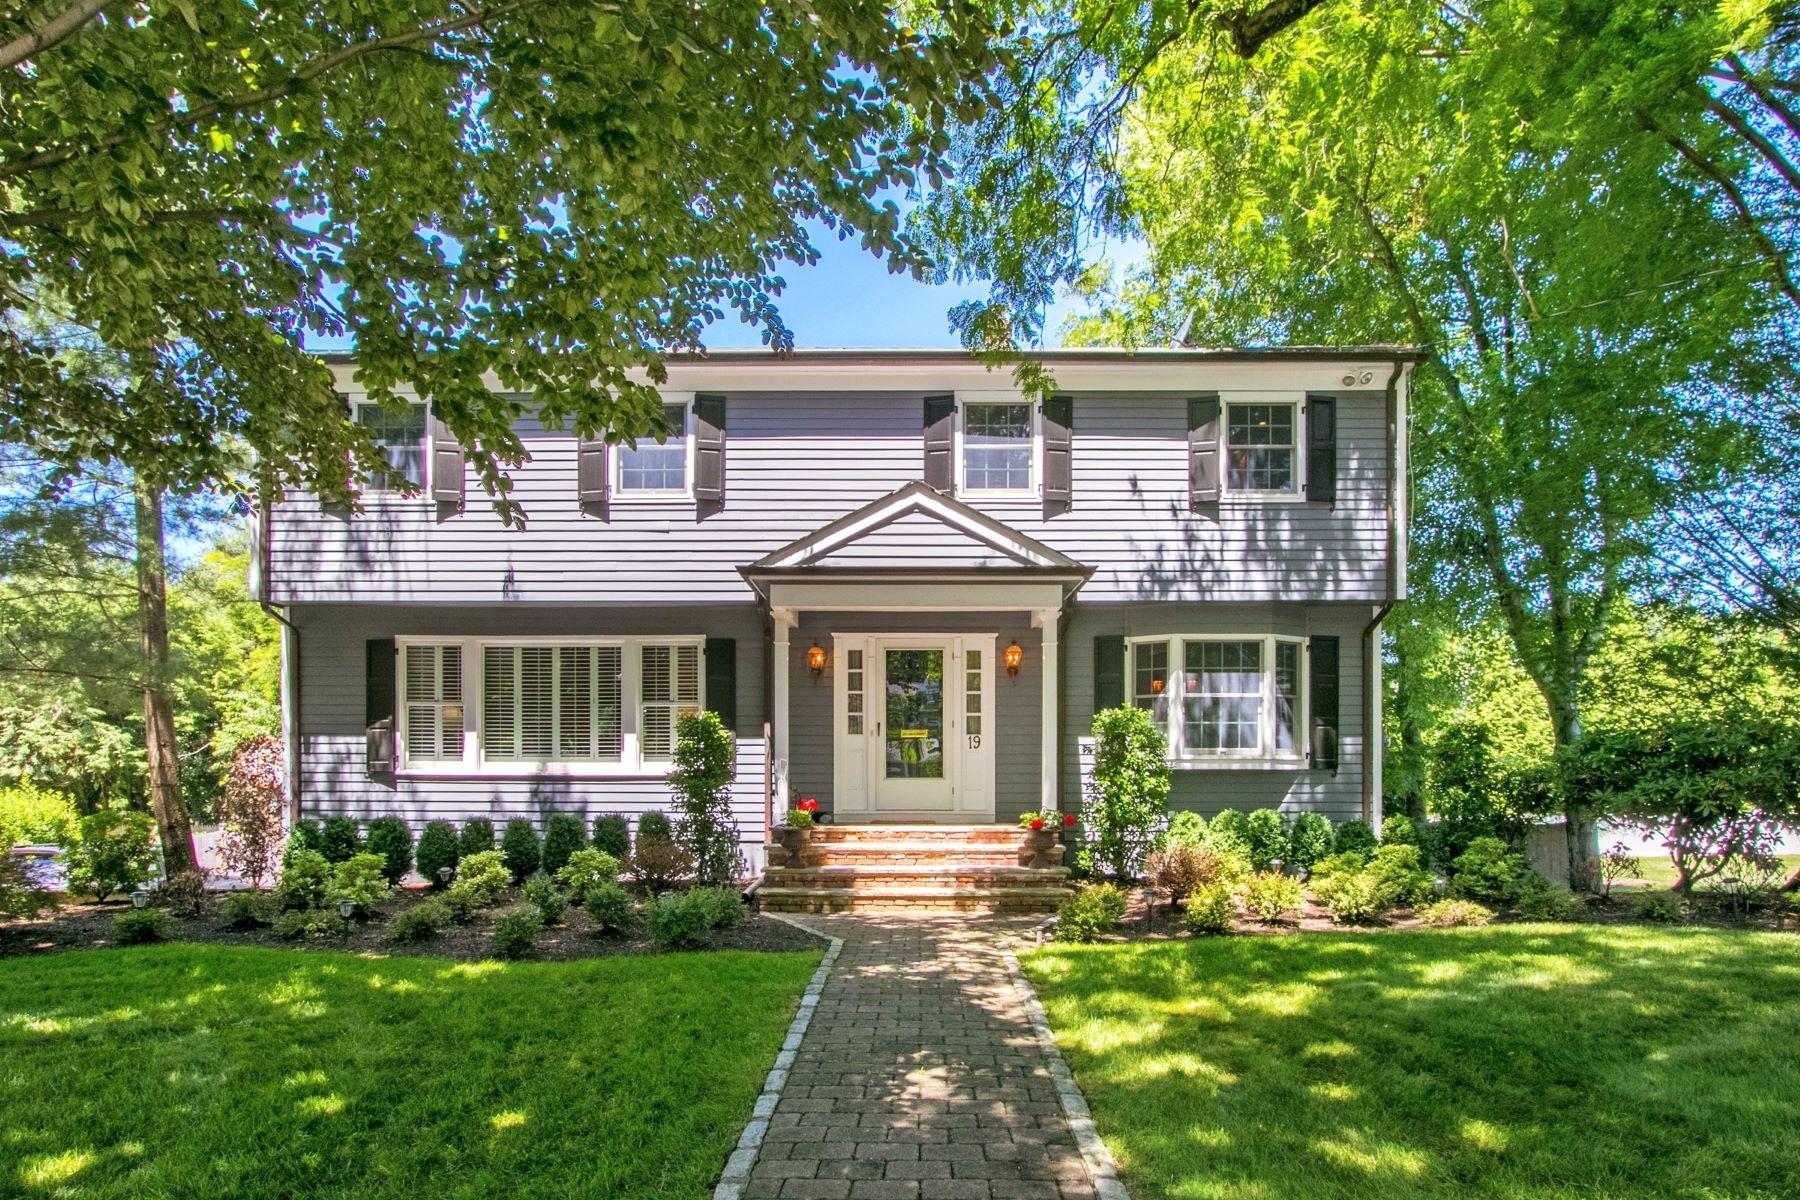 Частный односемейный дом для того Продажа на Demarest Gem 19 Old Stable, Demarest, Нью-Джерси 07627 Соединенные Штаты